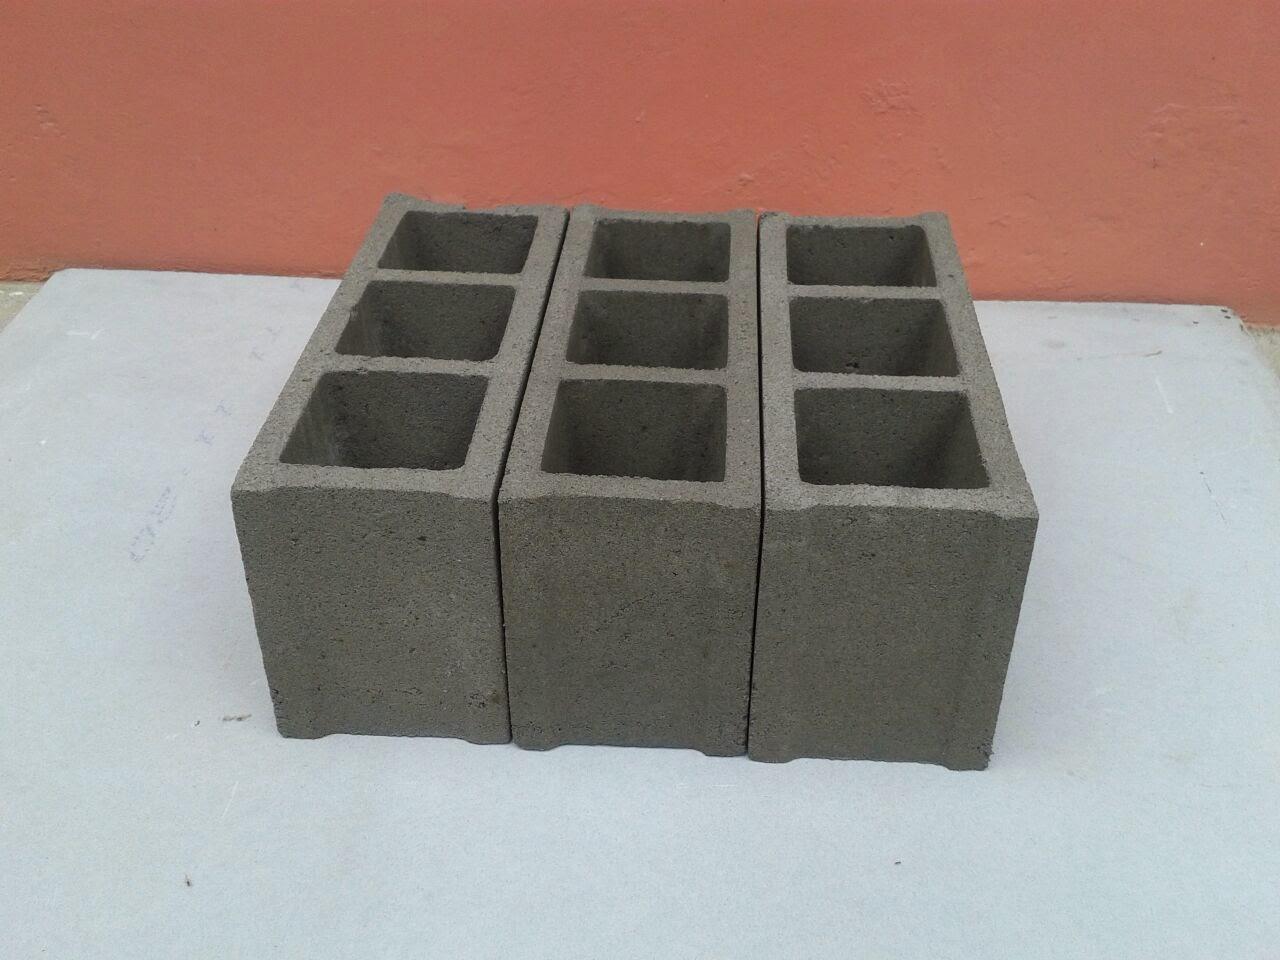 Supermetalblock moldes formaletas hormas para hacer for Molde para cemento